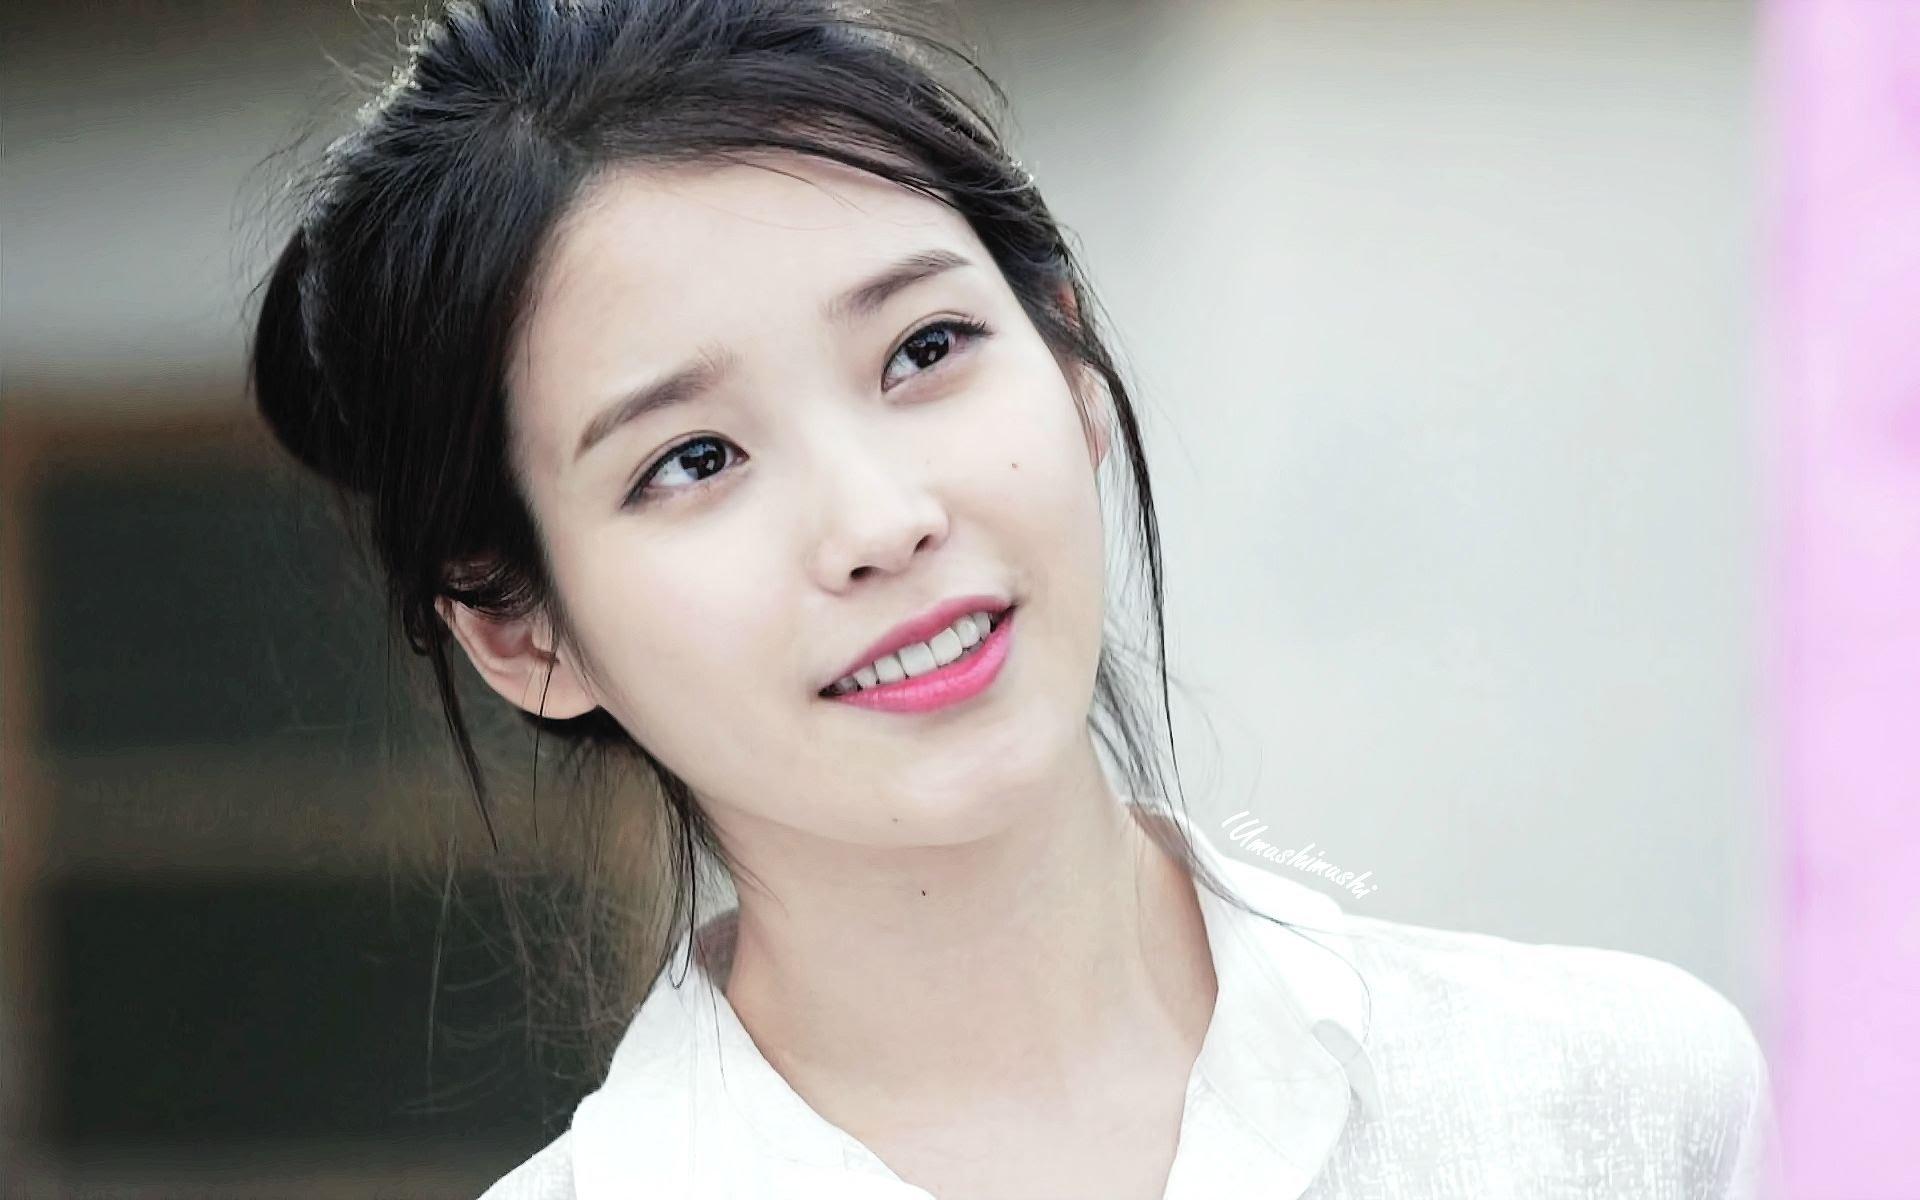 بالصور خلفيات بنات كوريات , اجمل بنات في كوريا 4690 9